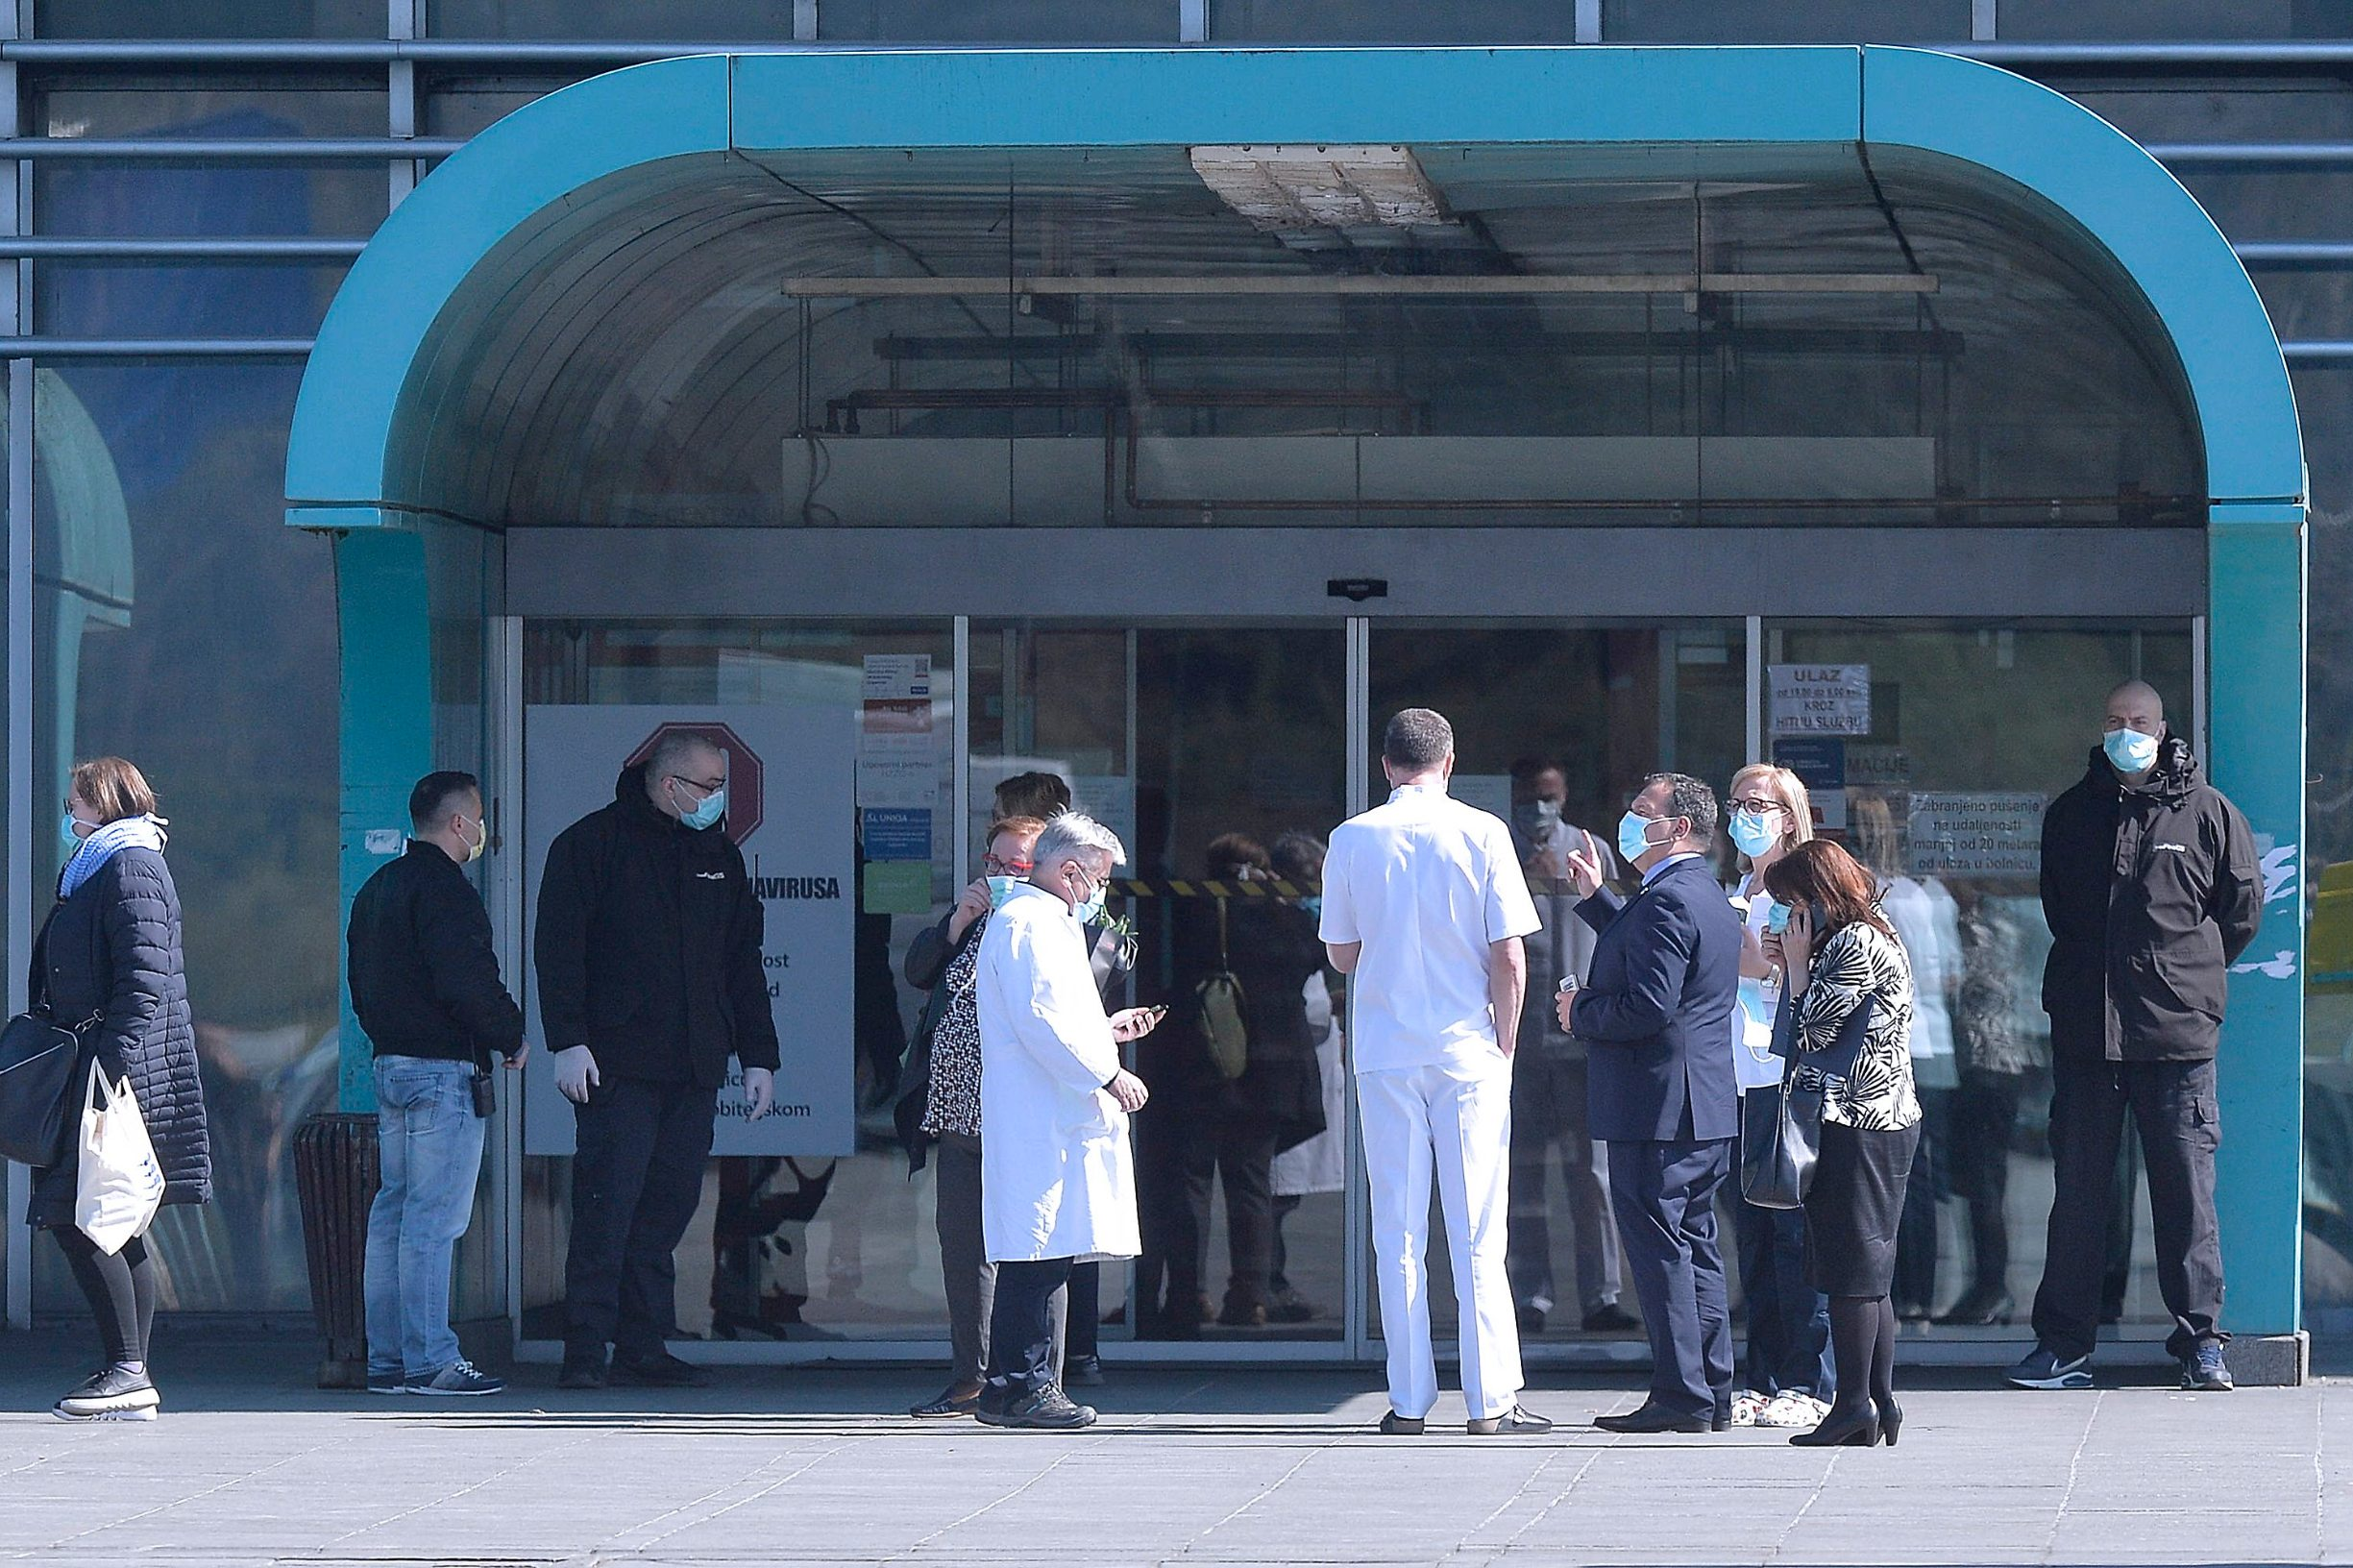 Zagreb, 160320. Bolnica Dubrava. Ministar Vili Beros dosao u posjet KB Dubrava. Na fotografiji: Vili Beros. Foto: Damir Krajac / CROPIX